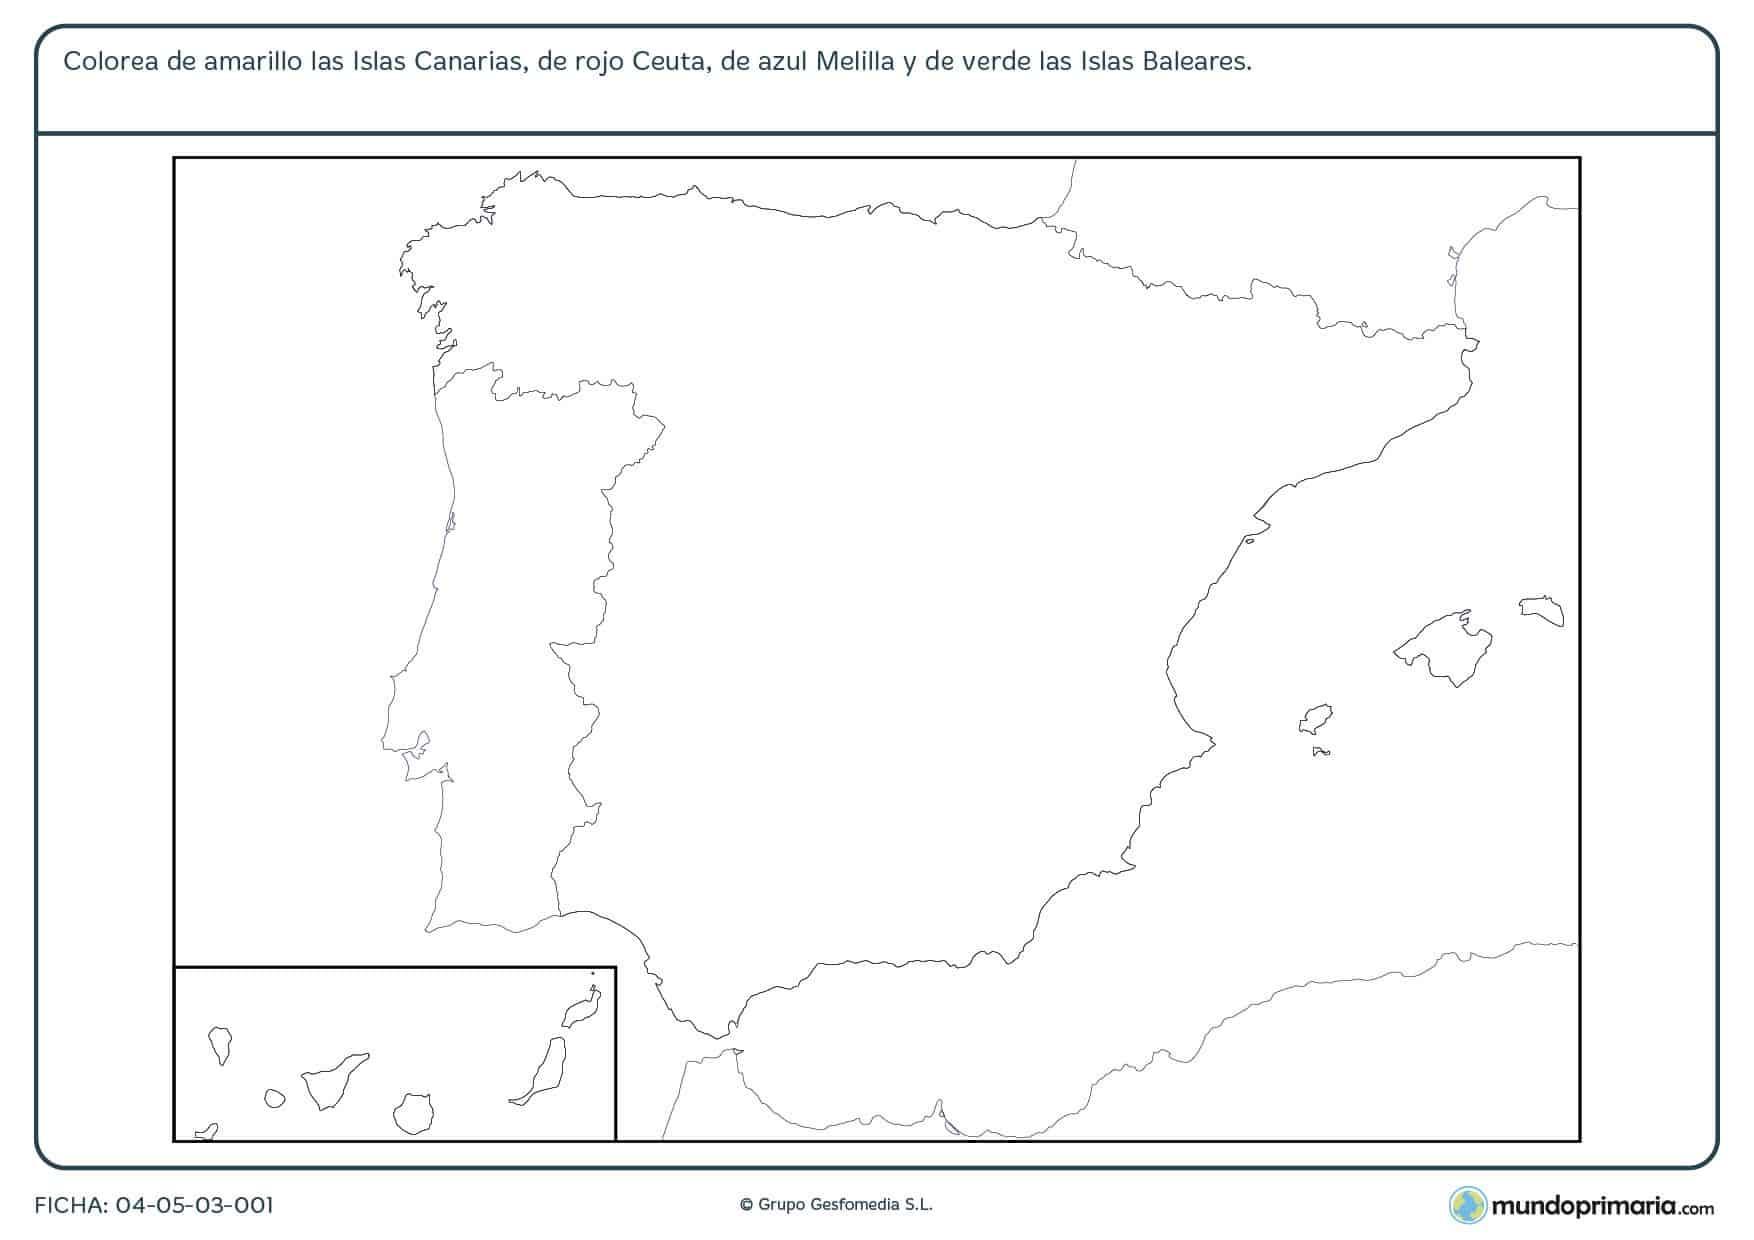 Ficha de colorear zonas de España en la que debes colorear las zonas de España que están fuera de la Península Ibérica.